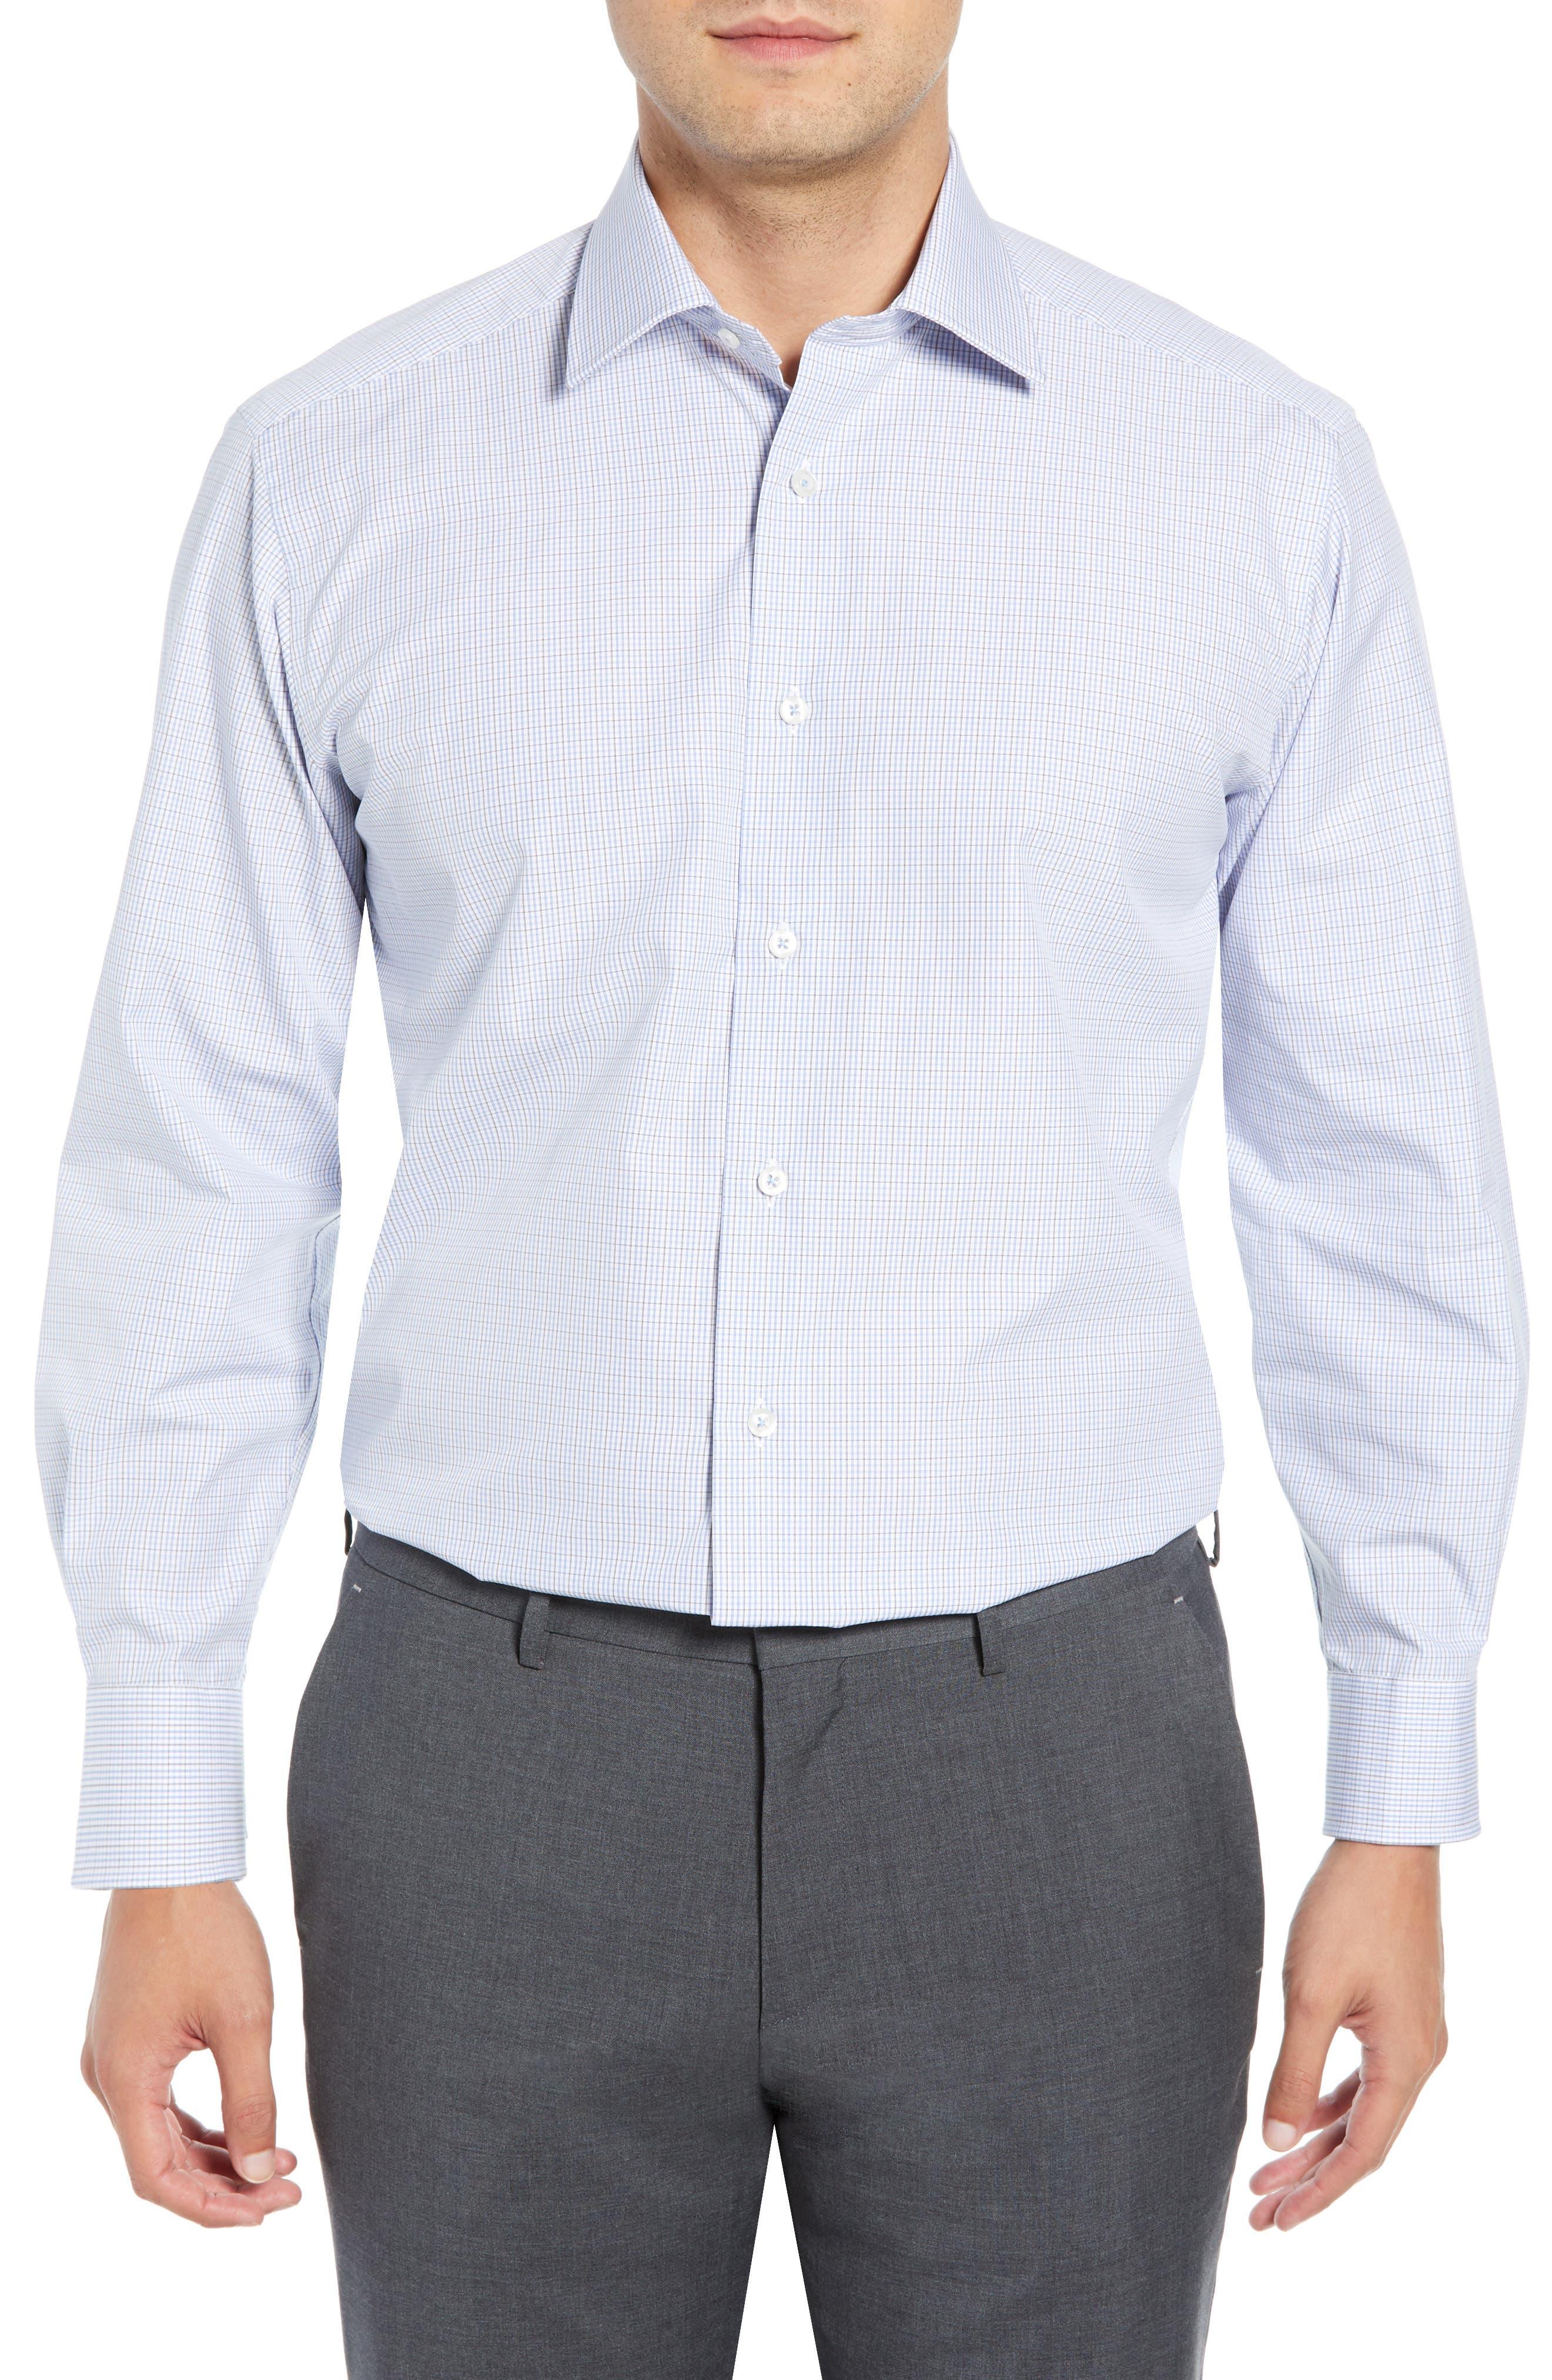 Regular Fit Check Dress Shirt,                             Main thumbnail 1, color,                             020